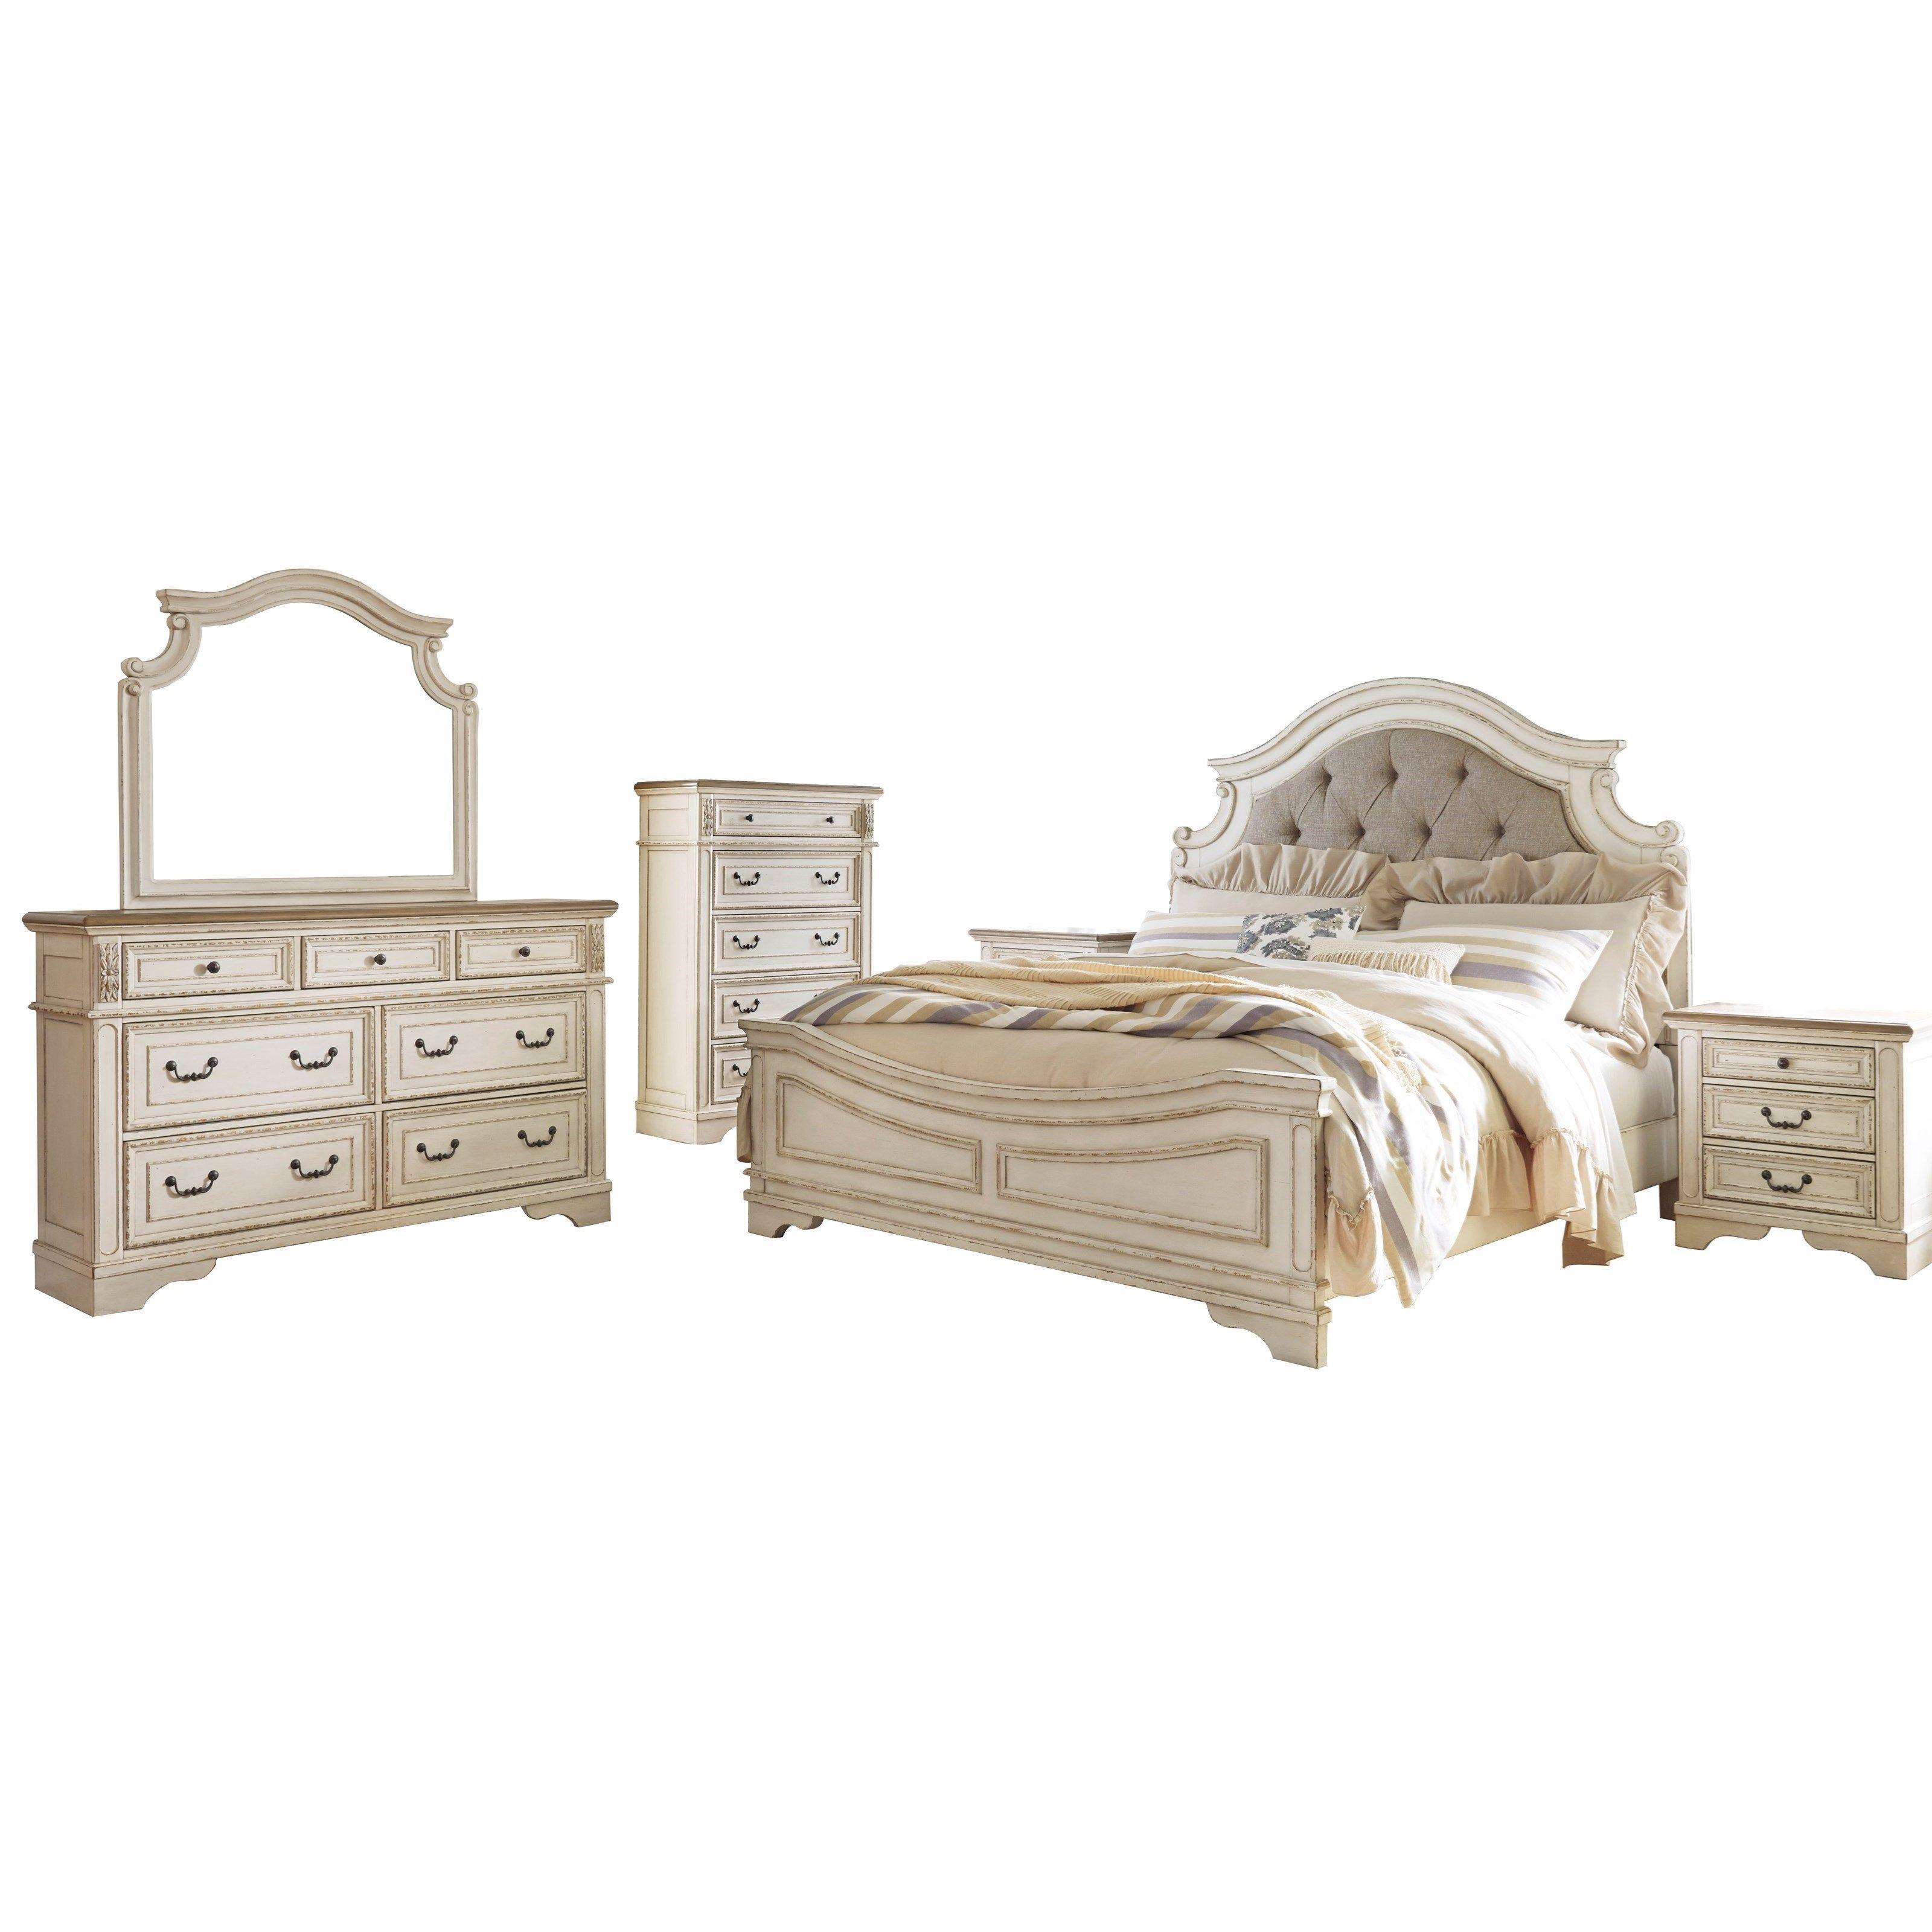 Realyn Queen Bedroom Group By Signature Design By Ashley Bedroom Sets Queen King Bedroom Sets Master Bedroom Furniture